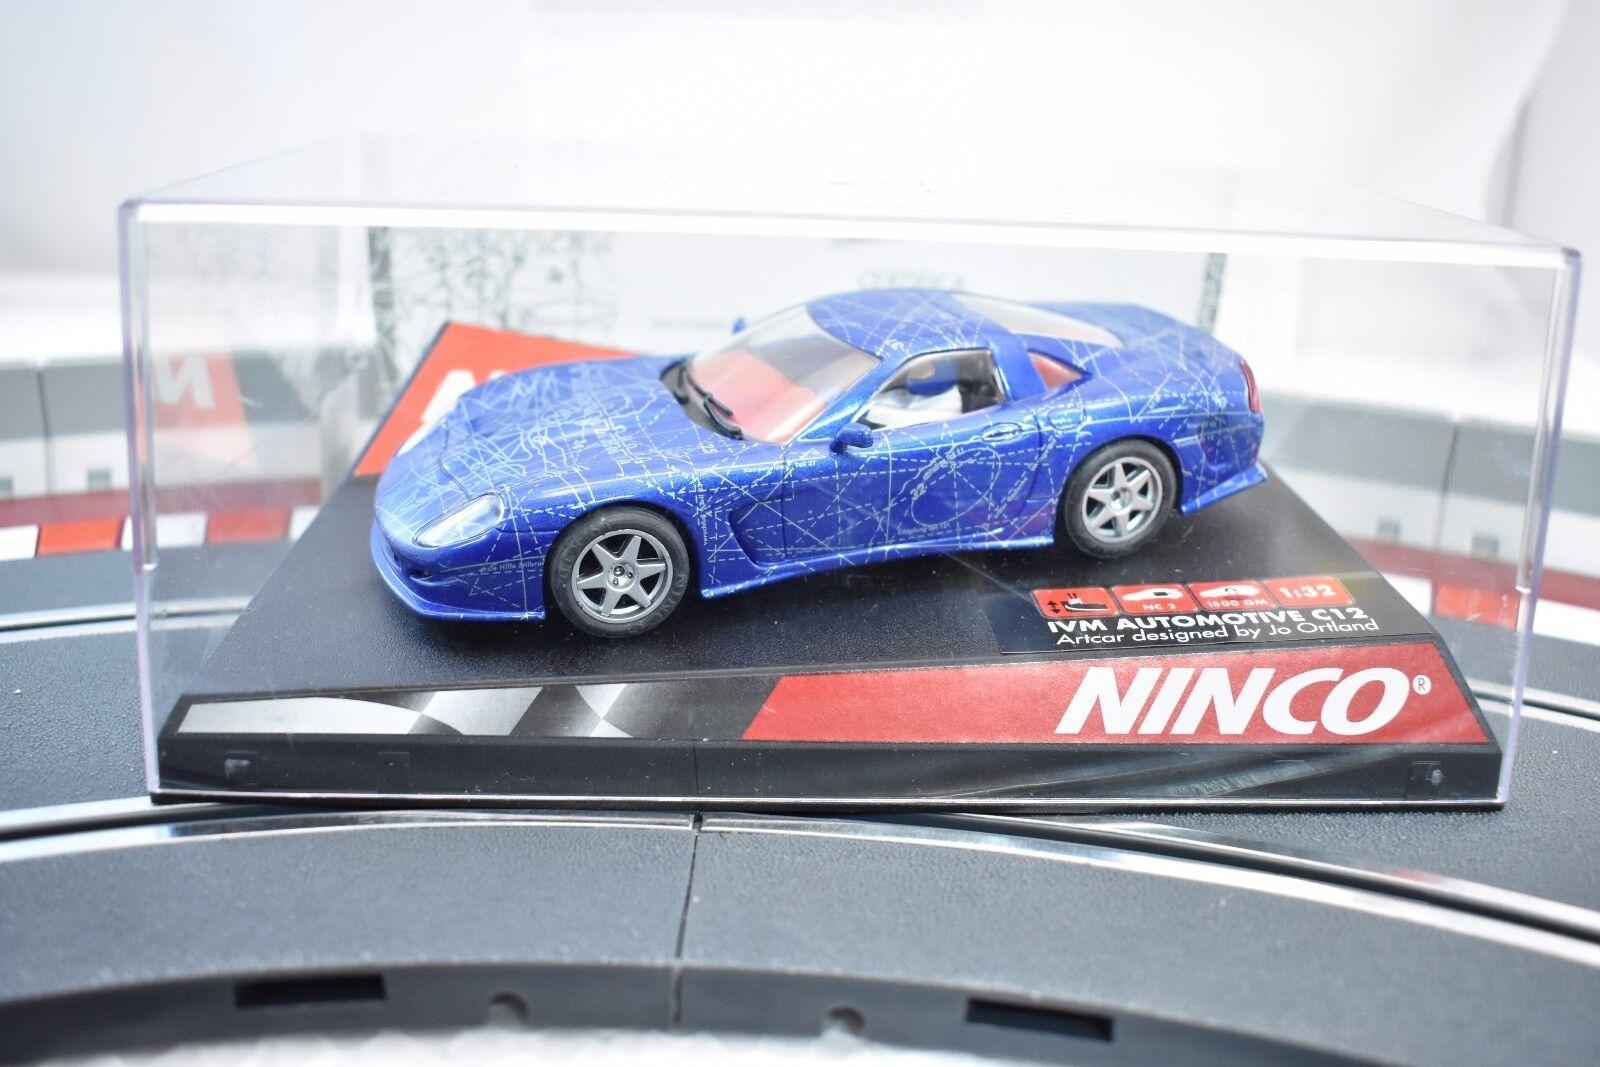 NINCO 1 32 SLOT CAR 50248 IVM C12   ART CAR